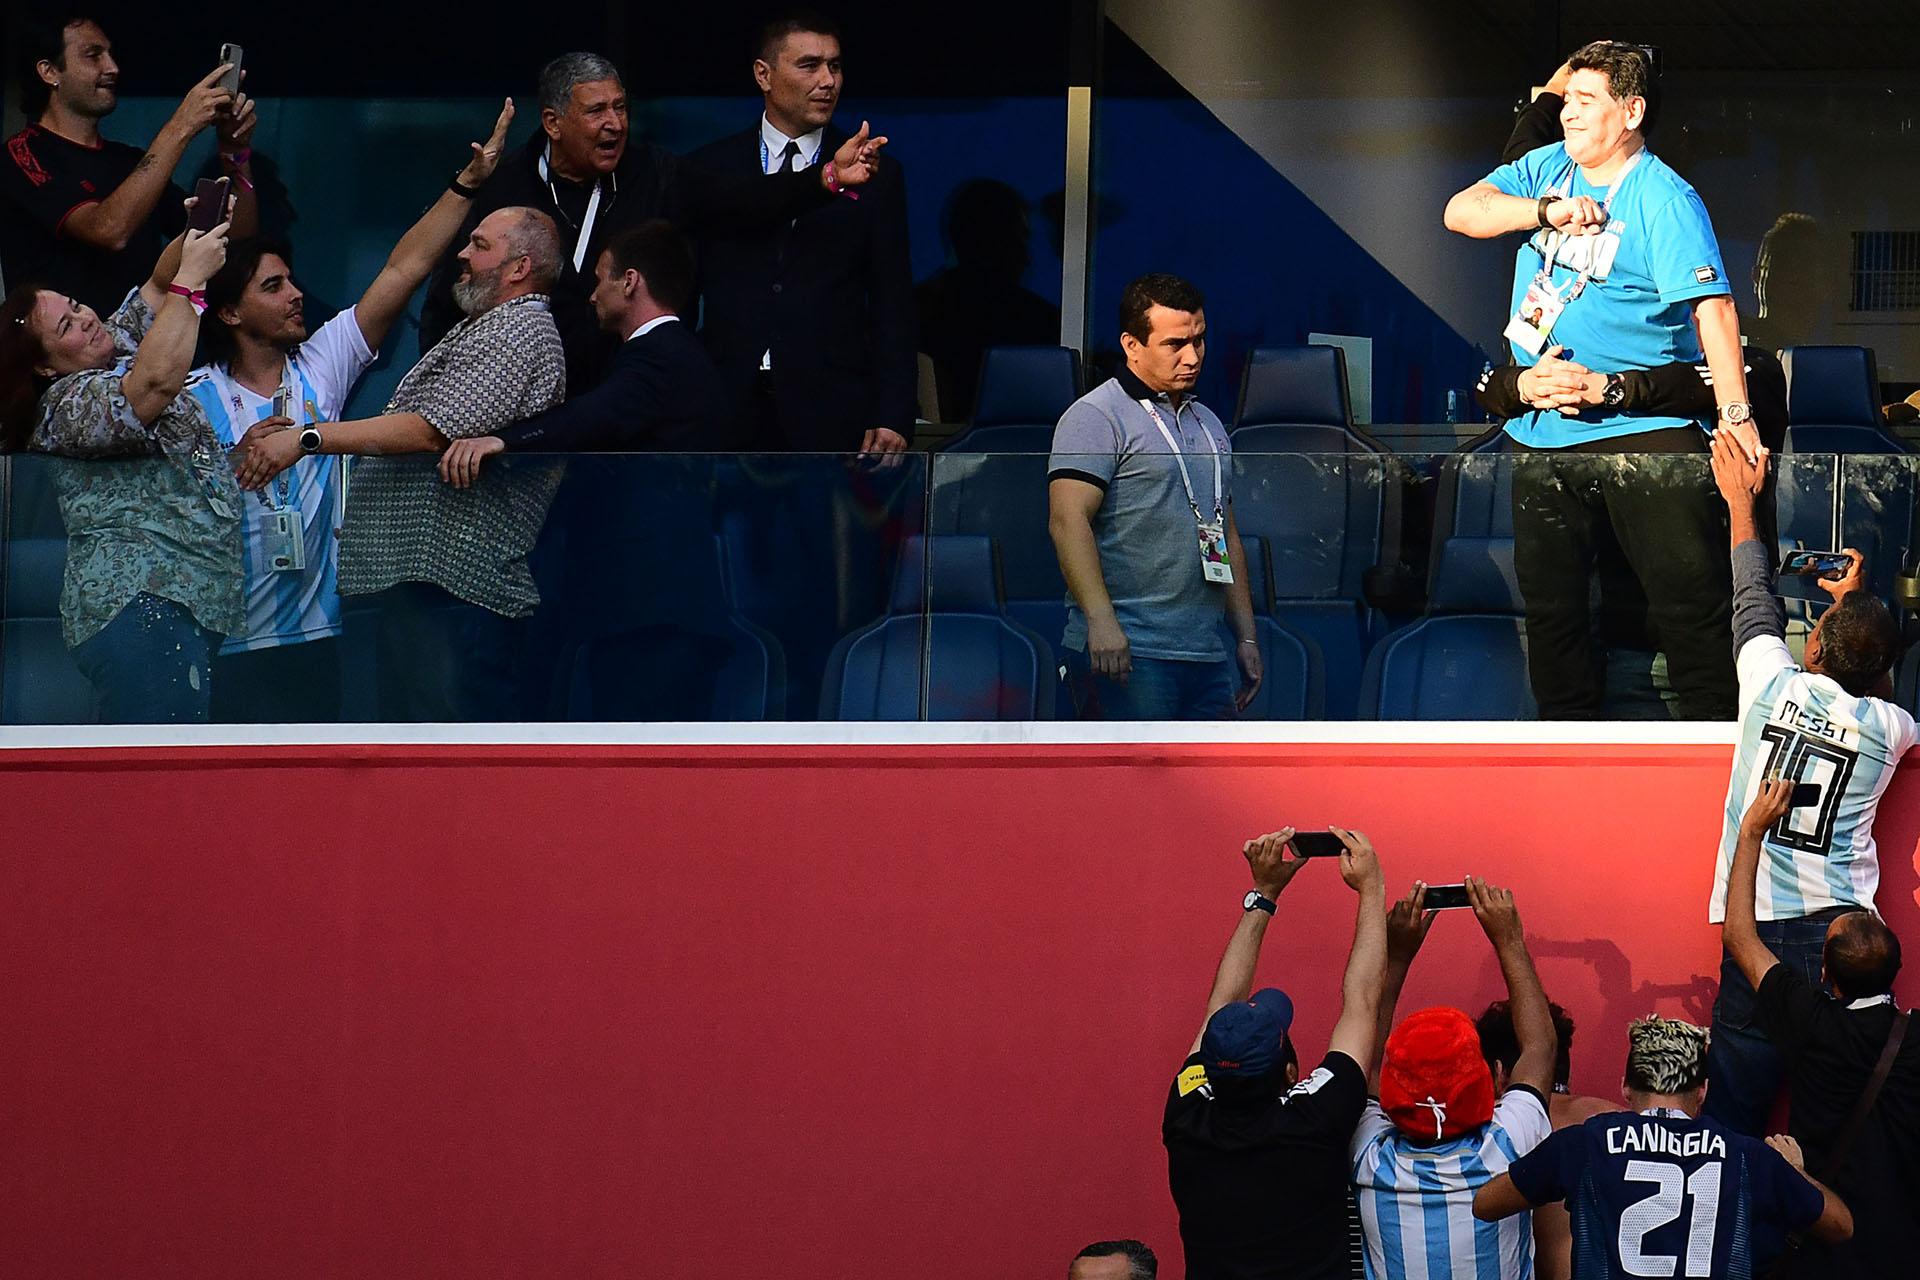 """""""Yo te quiero como siempre, yo te respeto como siempre"""", fue el mensaje de Maradona a Messi por intermedio de la televisión"""